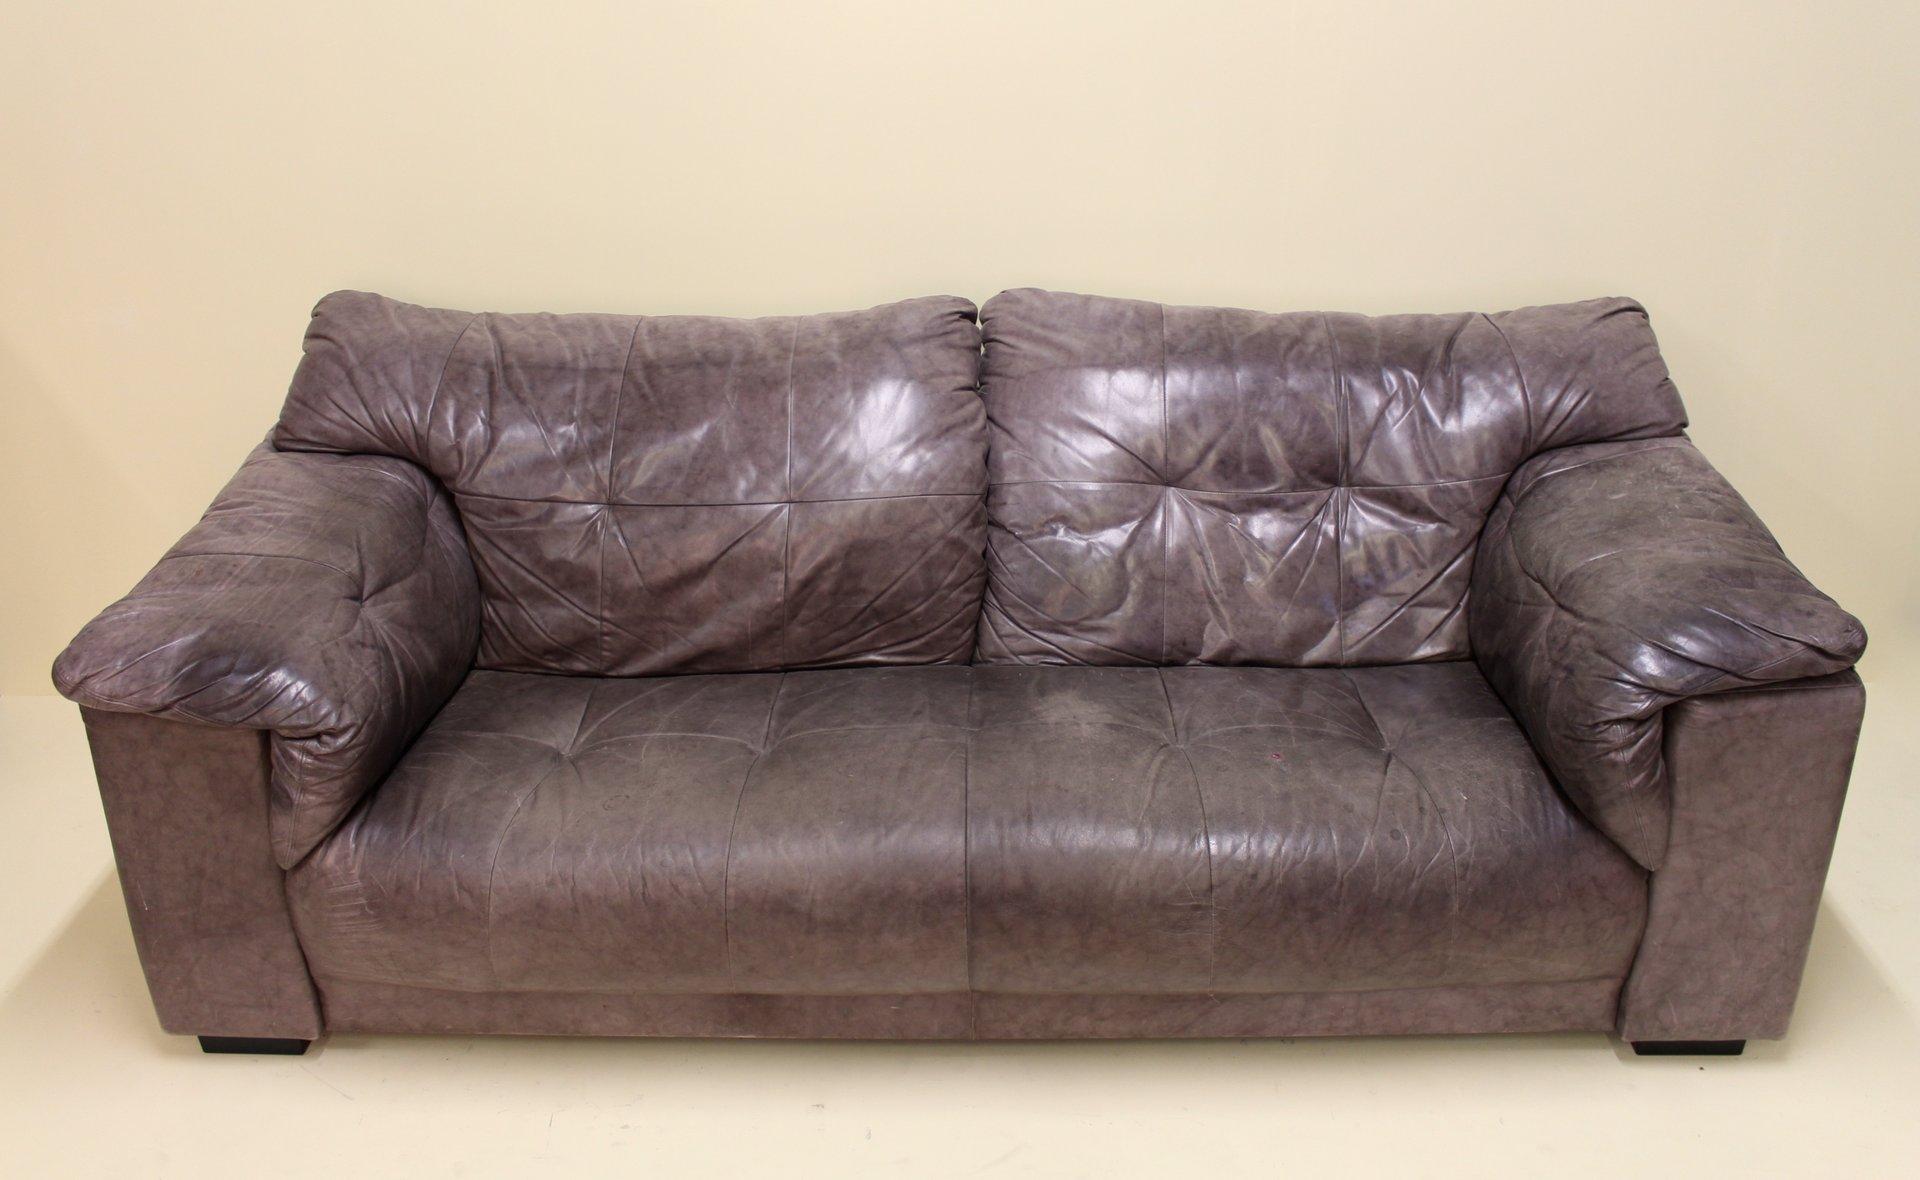 metallisches vintage 2 sitzer ledersofa bei pamono kaufen. Black Bedroom Furniture Sets. Home Design Ideas